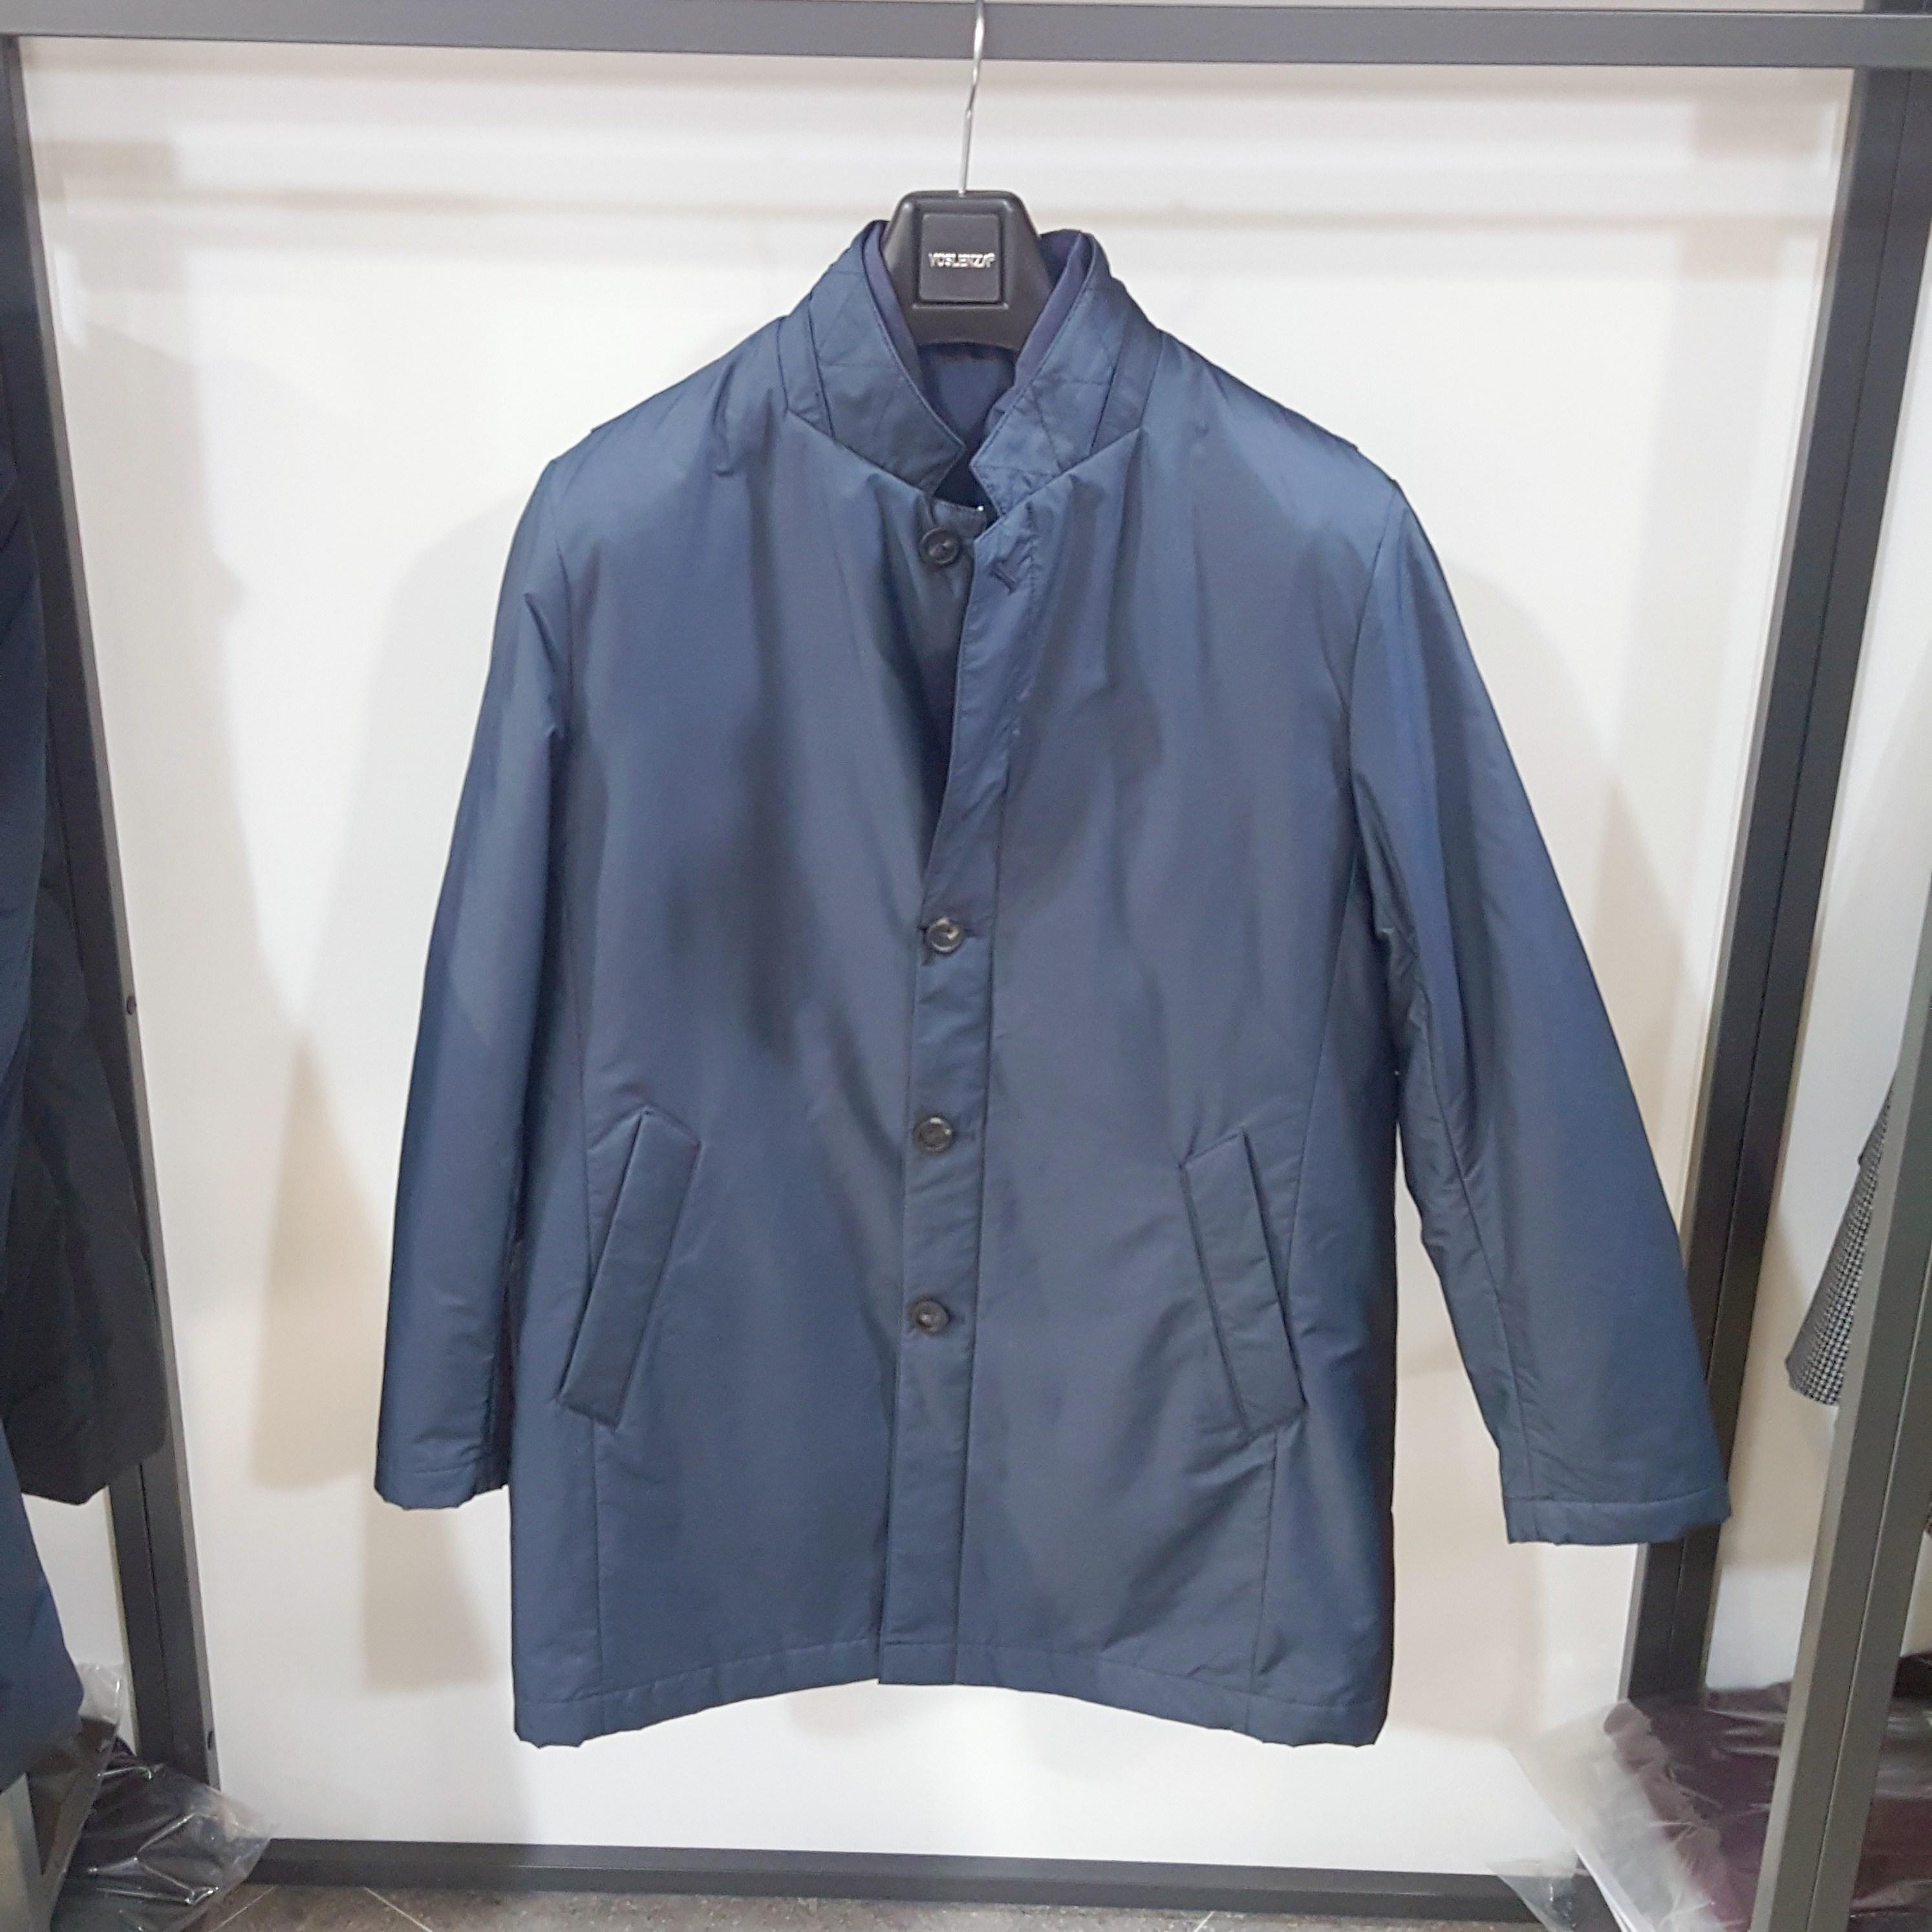 [행복한백화점][보스렌자]남성 기본라인 하프기장 겨울 패딩조끼 세트 바바리 패딩점퍼 블루컬러 RFFHC9923